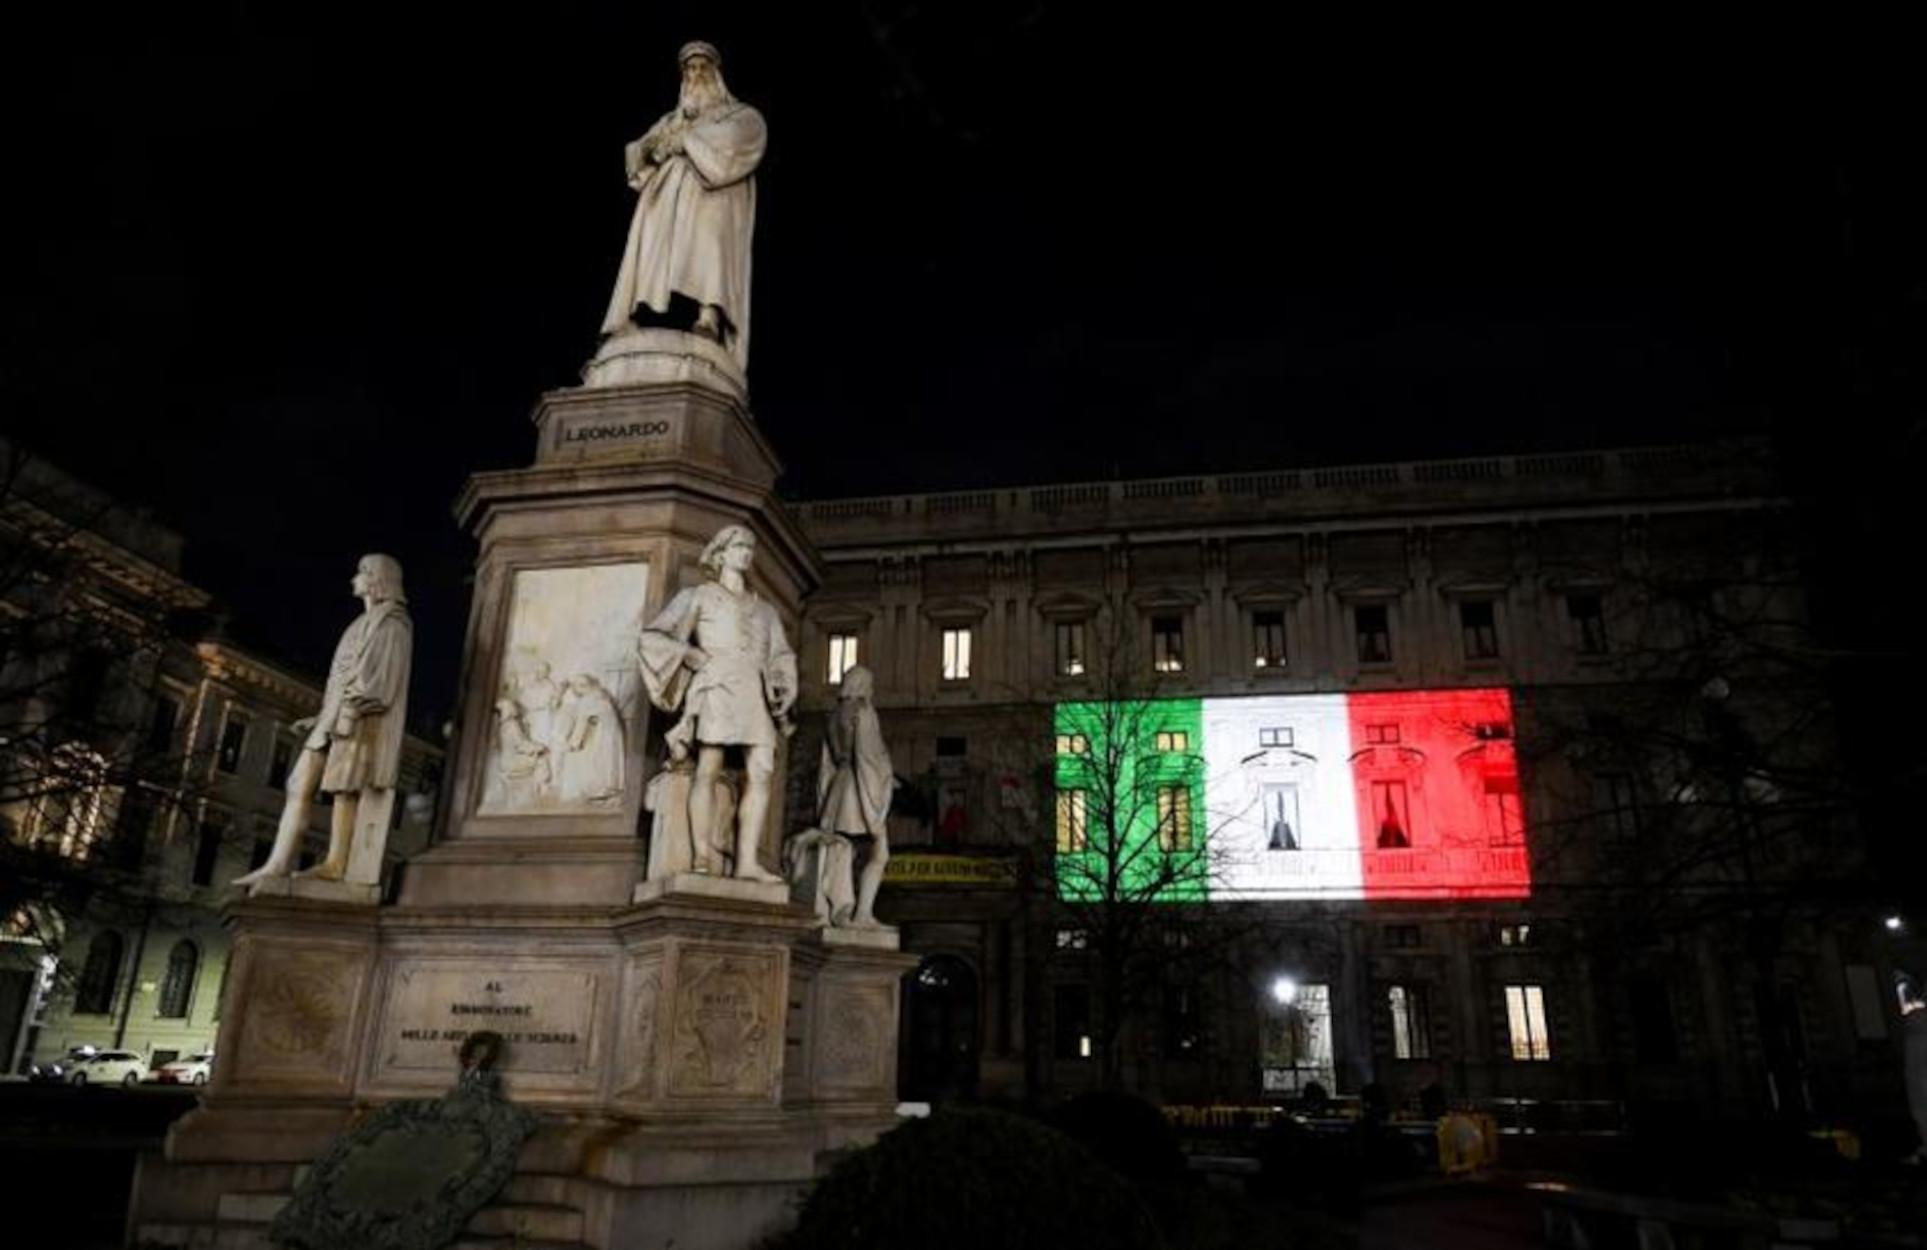 Ιταλία: Συνεδριάζει σήμερα η κυβέρνηση για τη χαλάρωση του lockdown